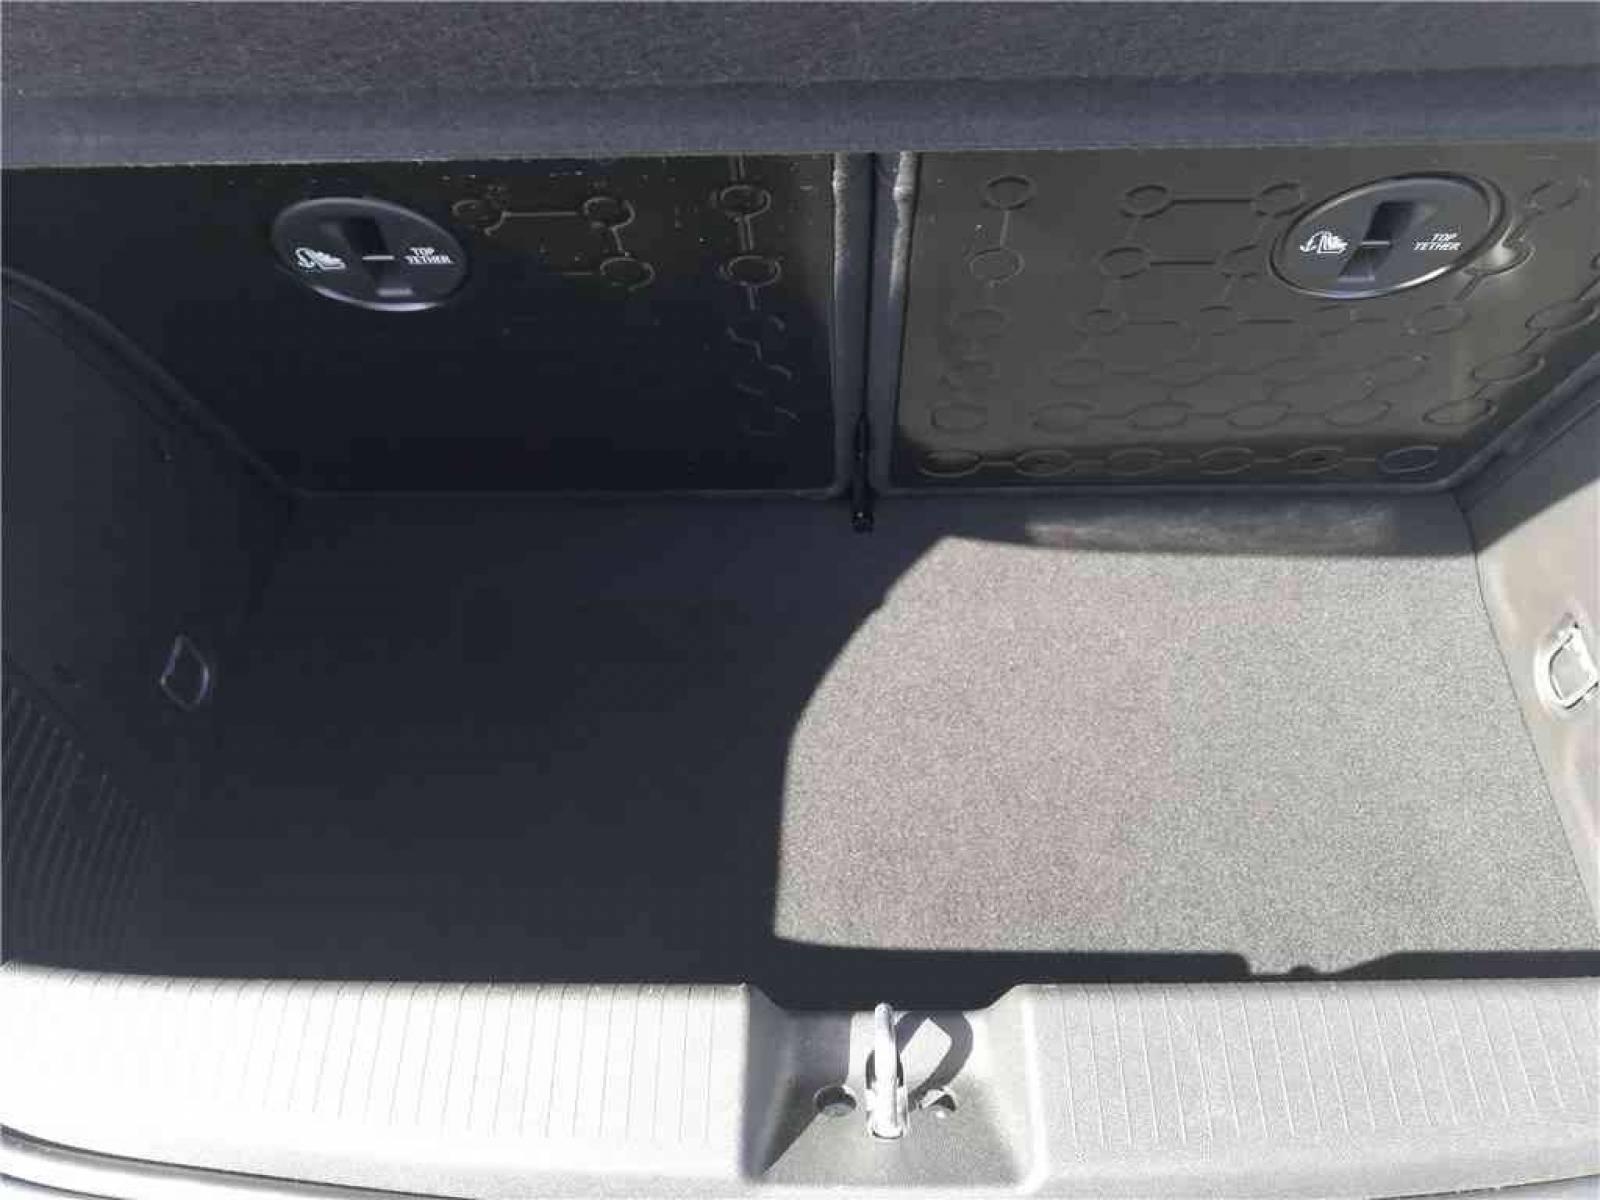 OPEL Adam 1.4 Twinport 87 ch S/S - véhicule d'occasion - Groupe Guillet - Opel Magicauto - Chalon-sur-Saône - 71380 - Saint-Marcel - 5